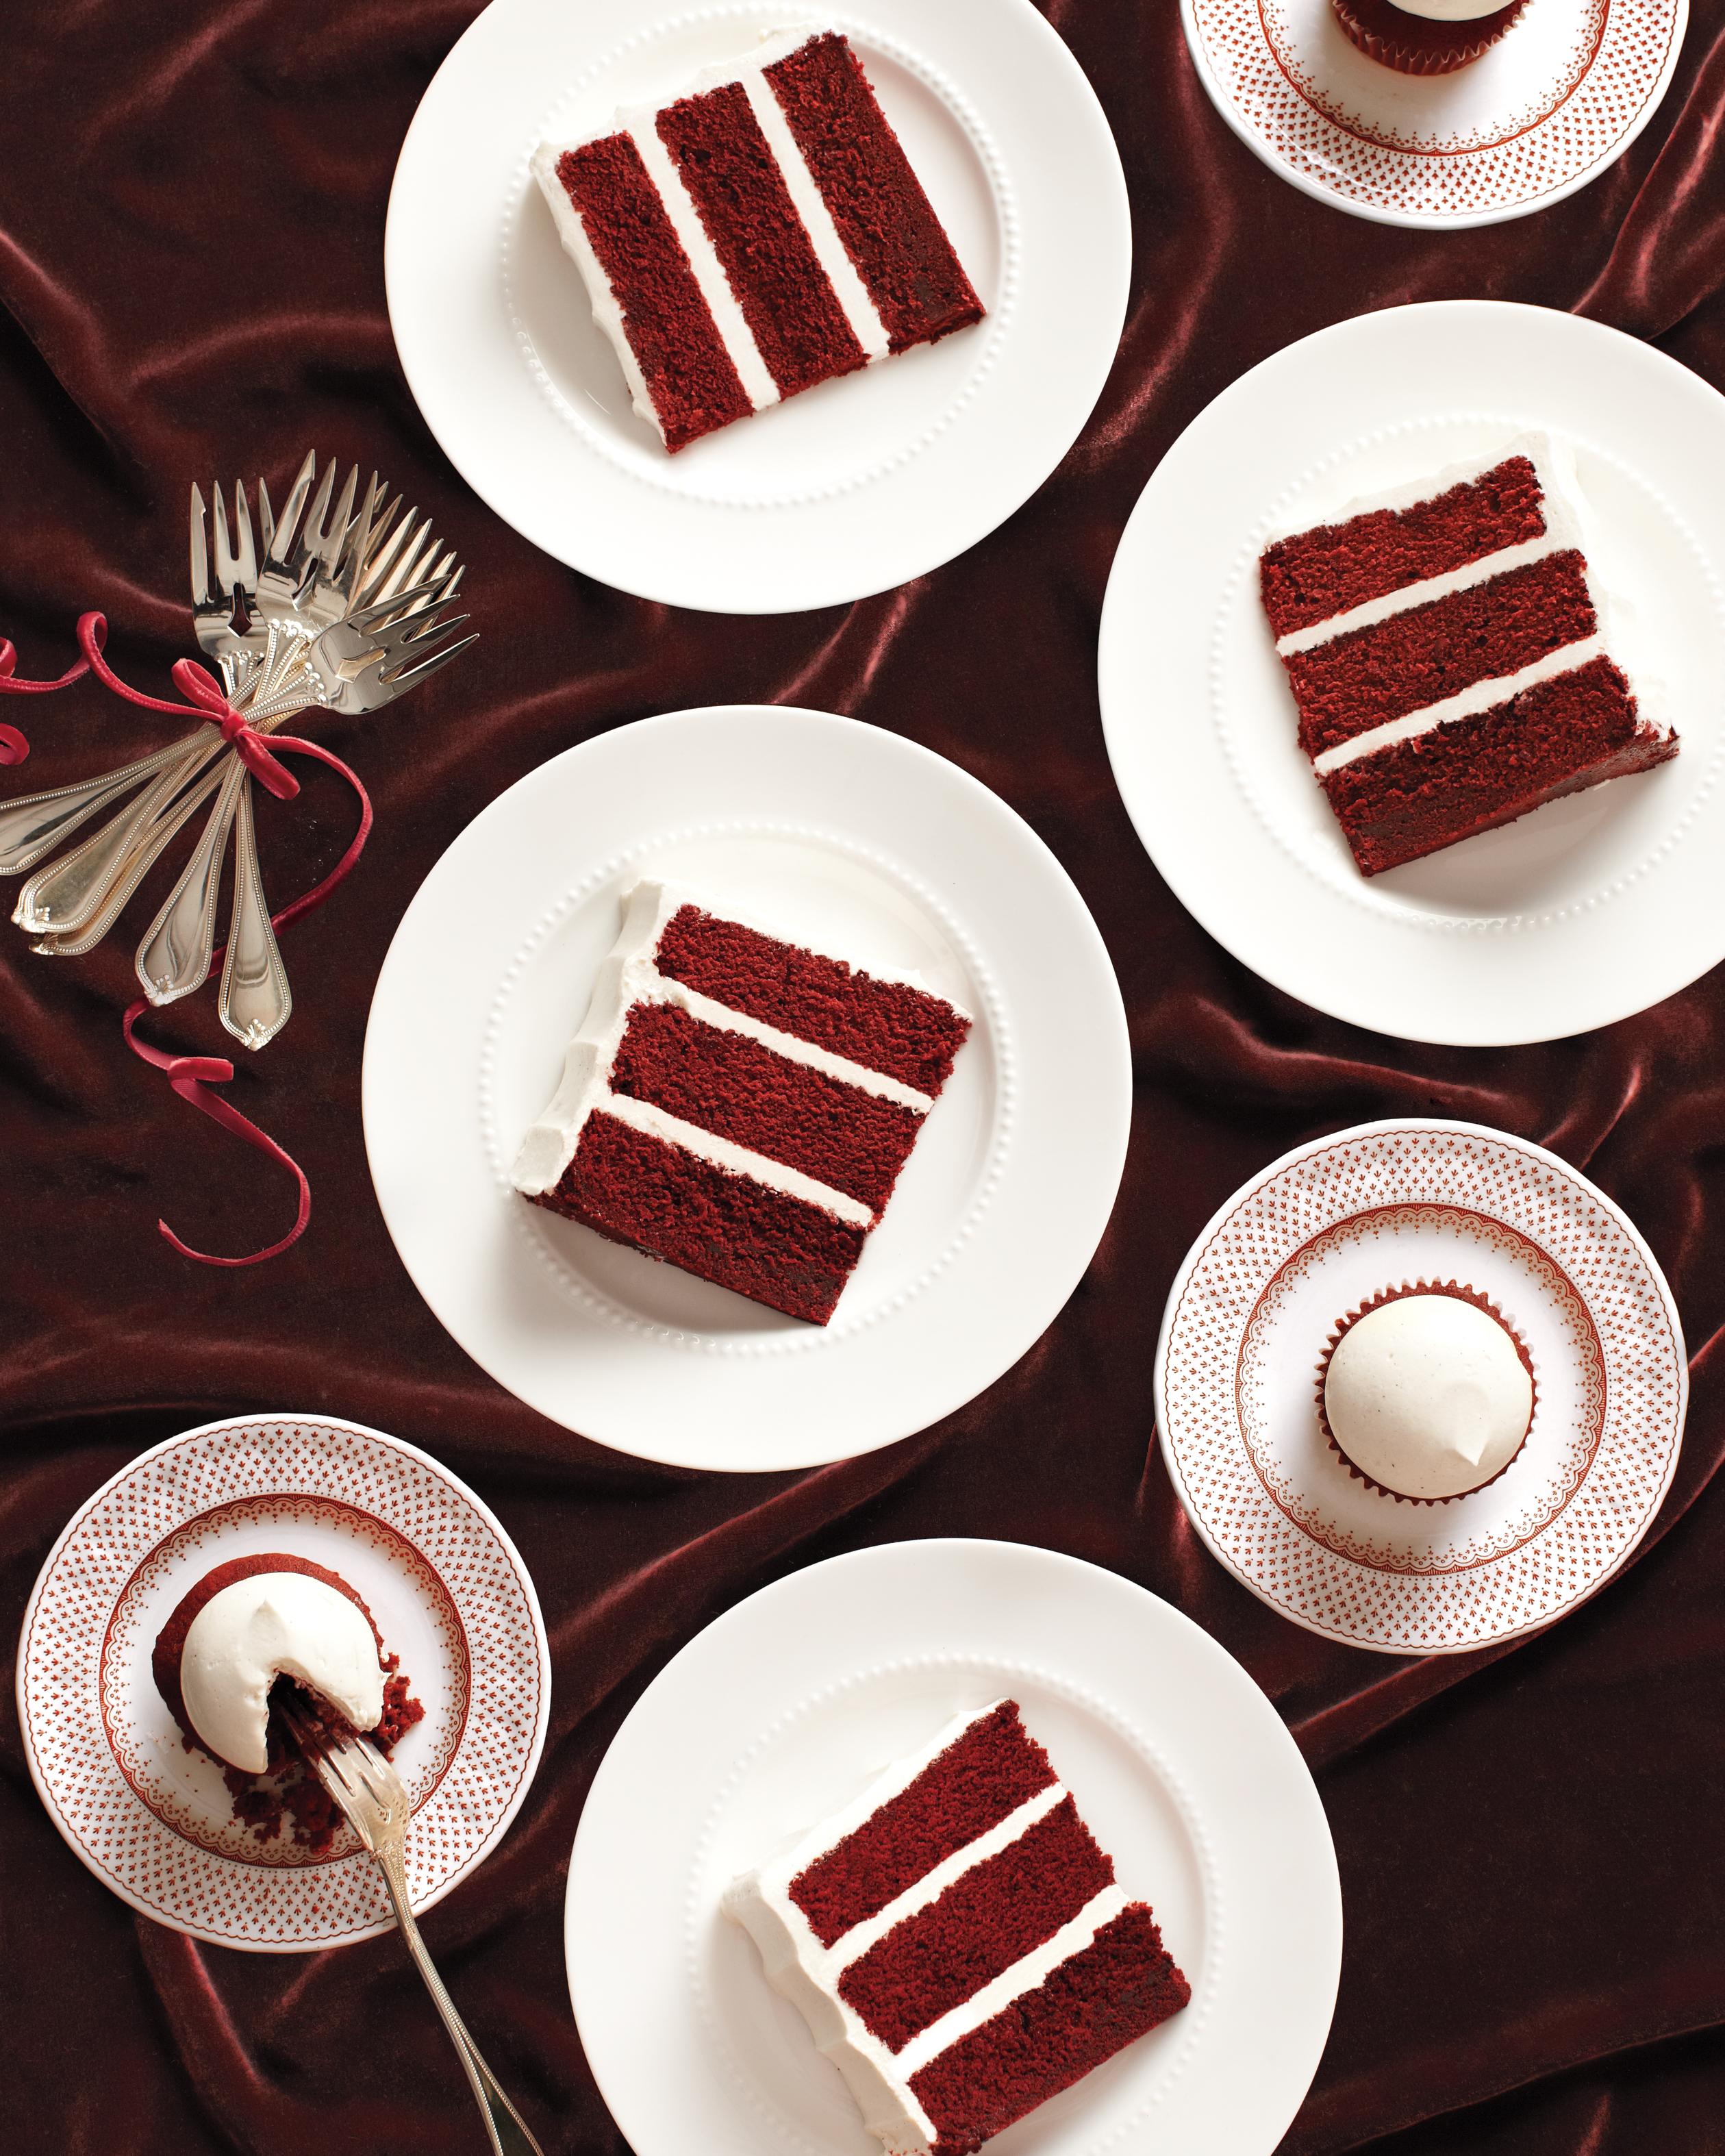 velvet-cake-227-comp-mwd110659.jpg